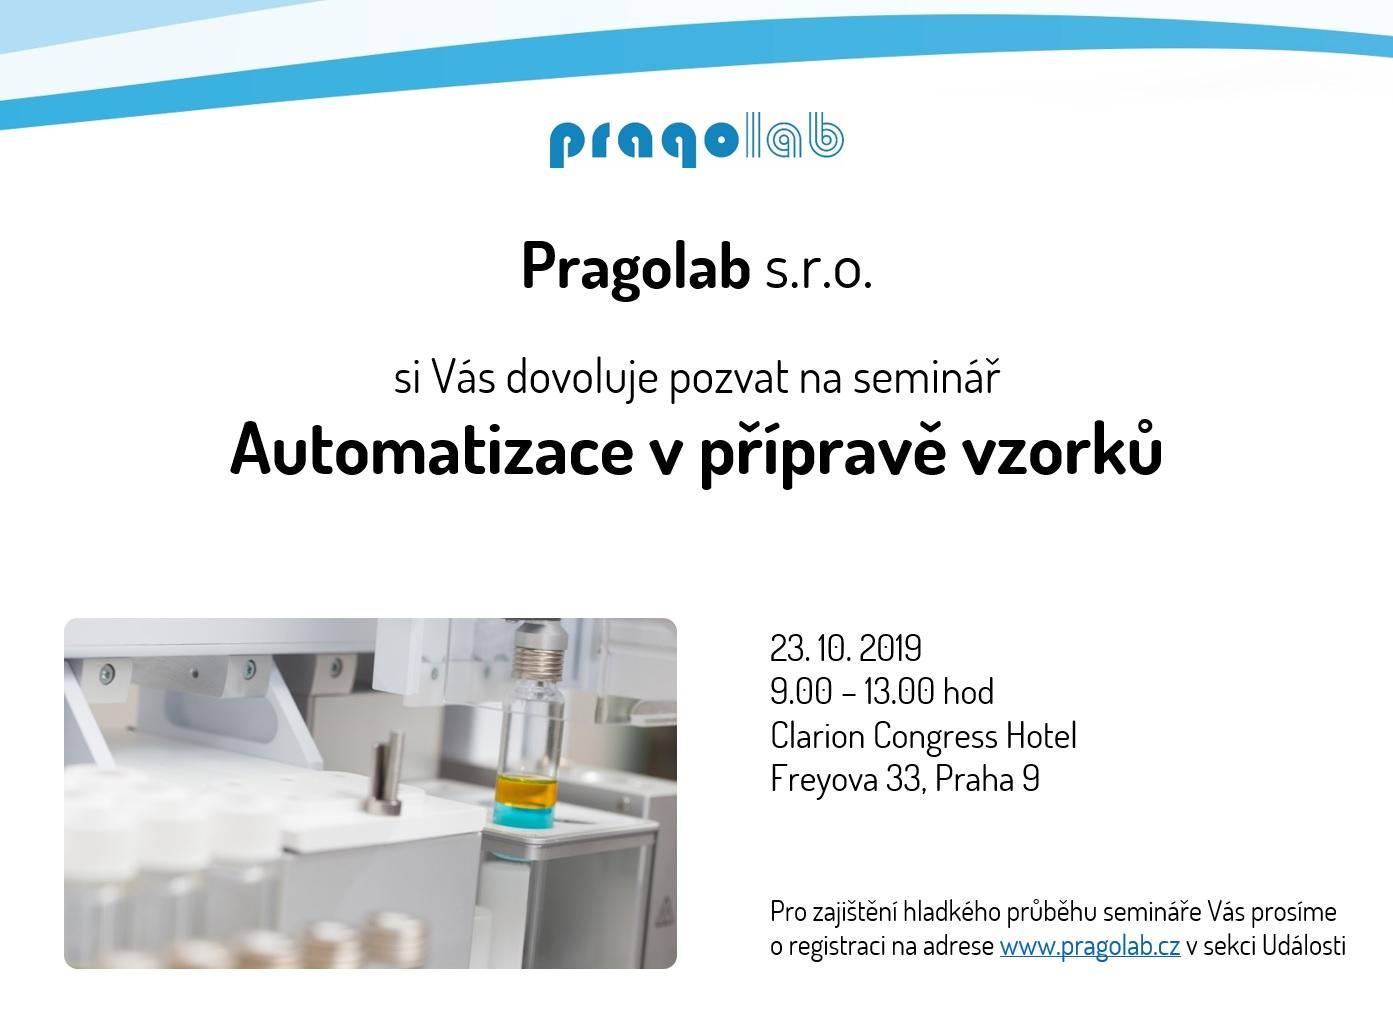 Automatizace v přípravě vzorků automation_2019.jpg